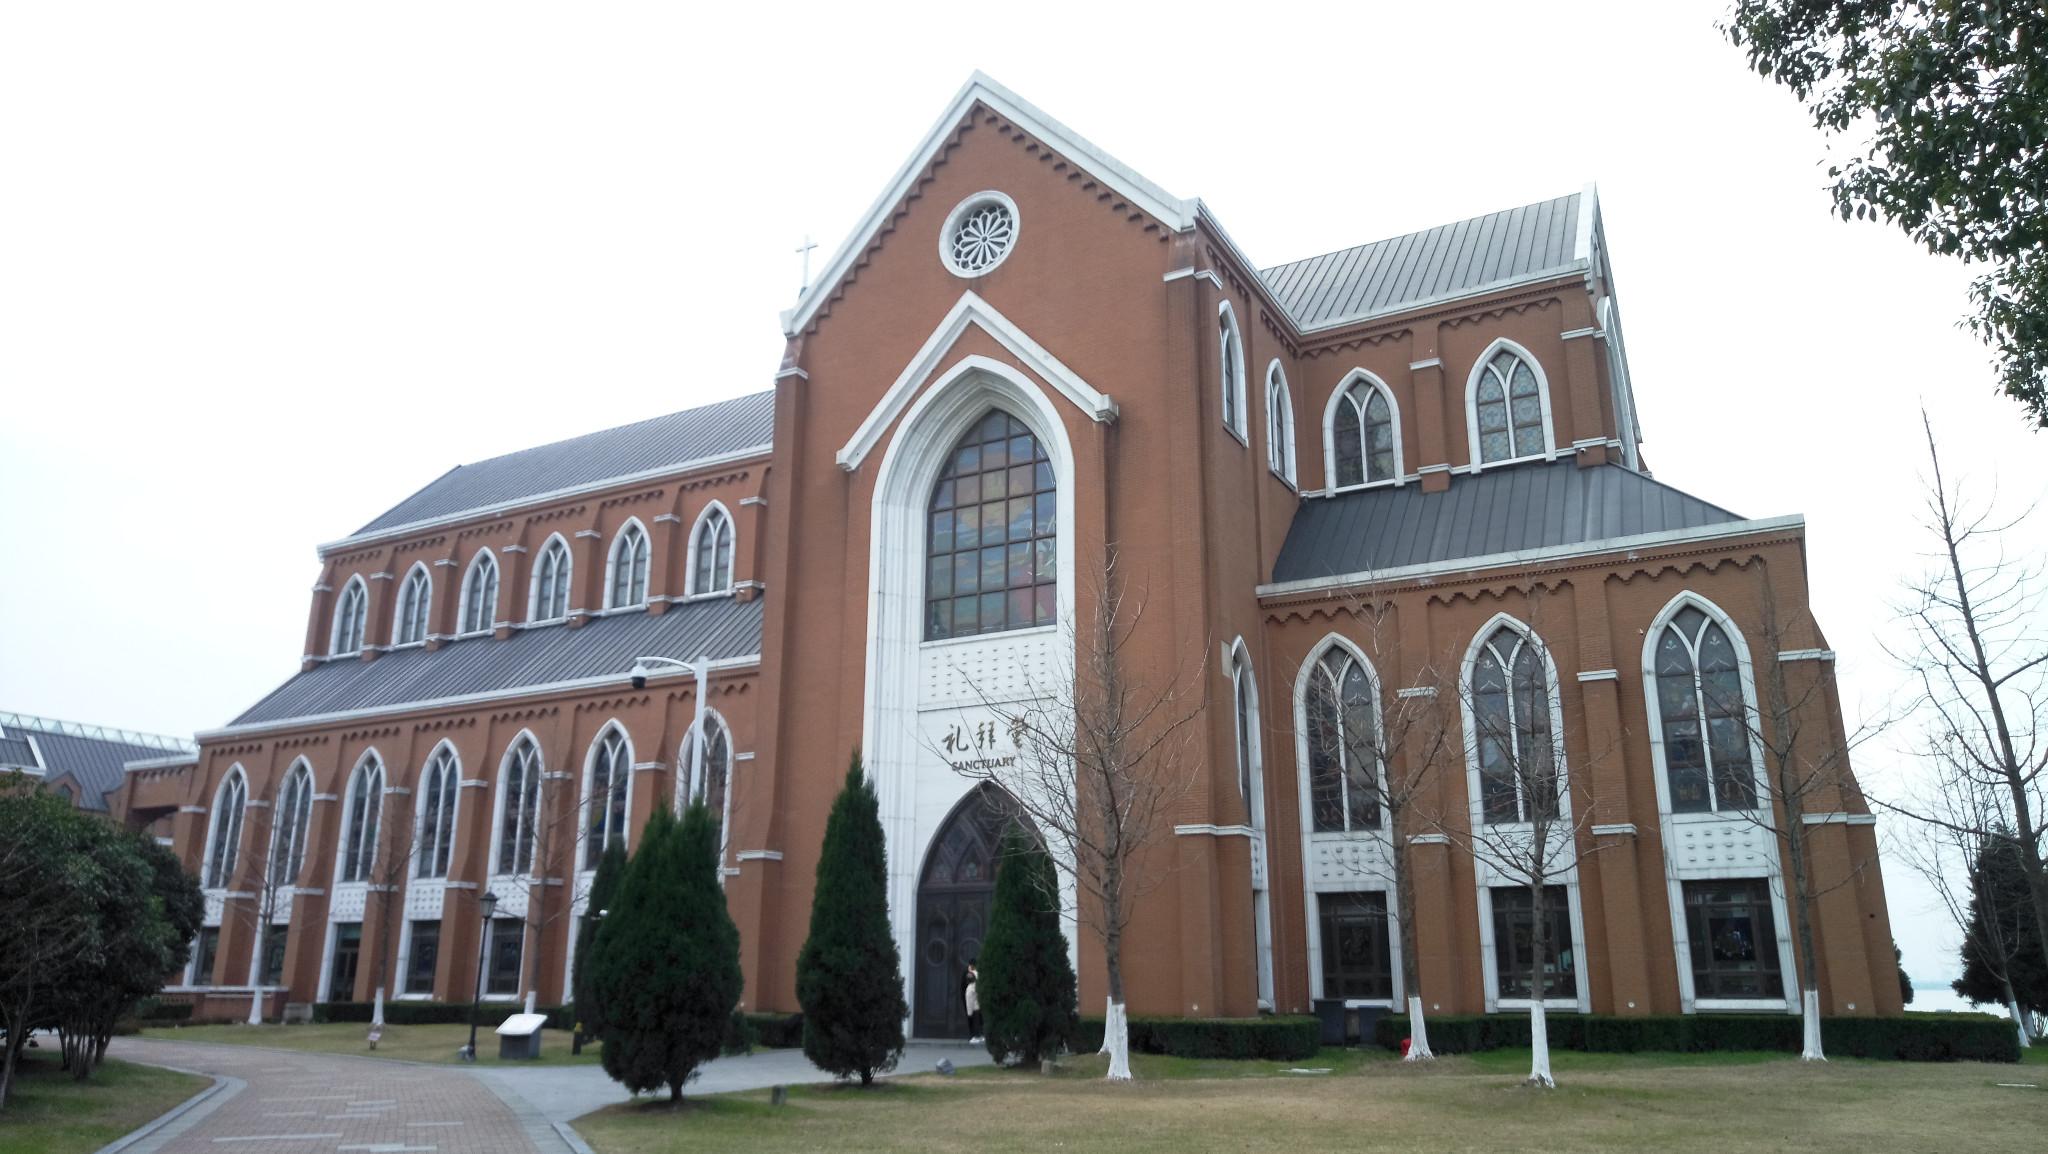 苏州独墅湖基督教堂--重游拍婚纱照的外景地